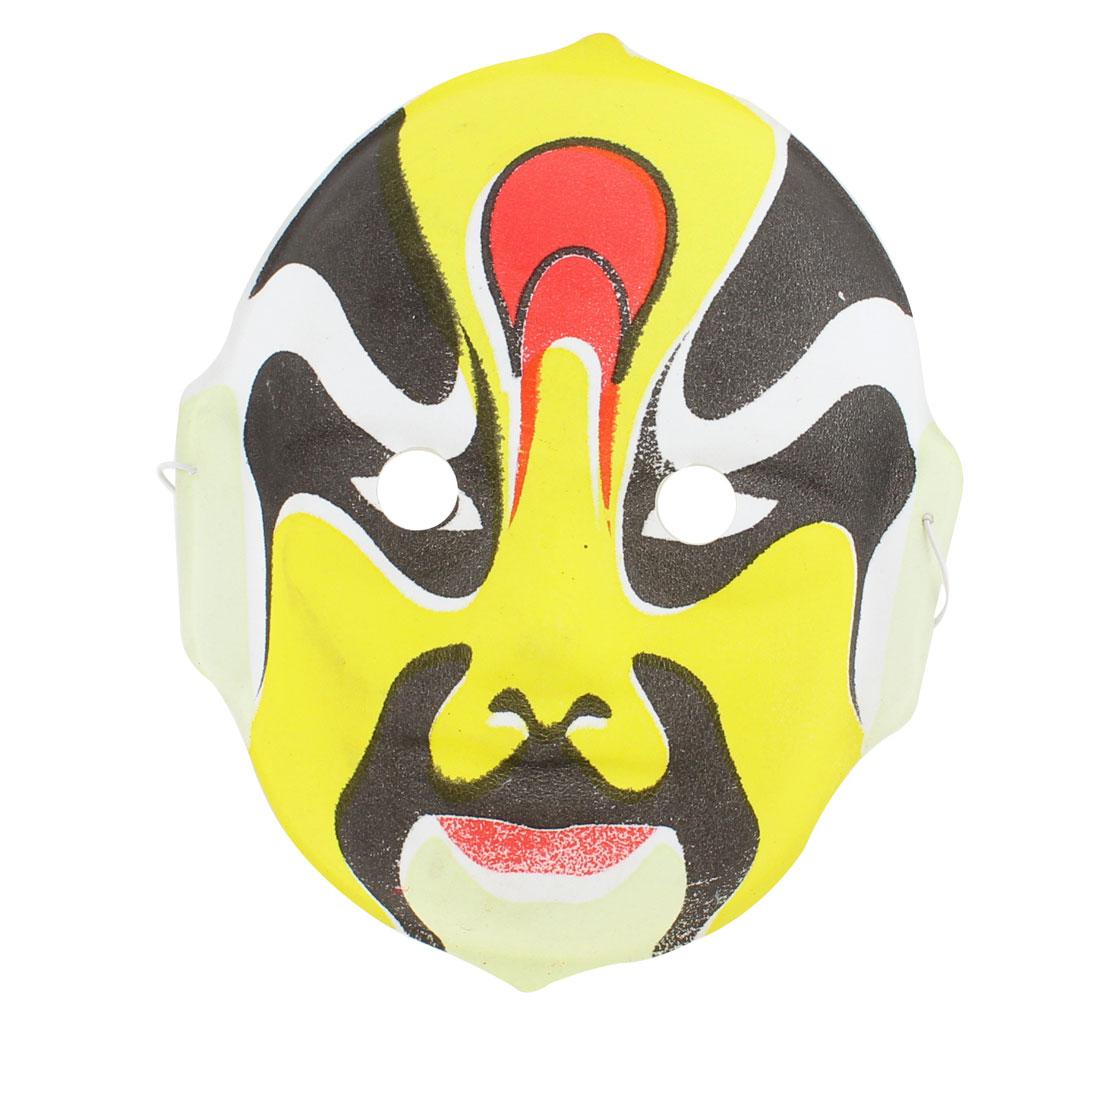 Yellow White Black Red Karneval Parties Peking Opera Face Mask